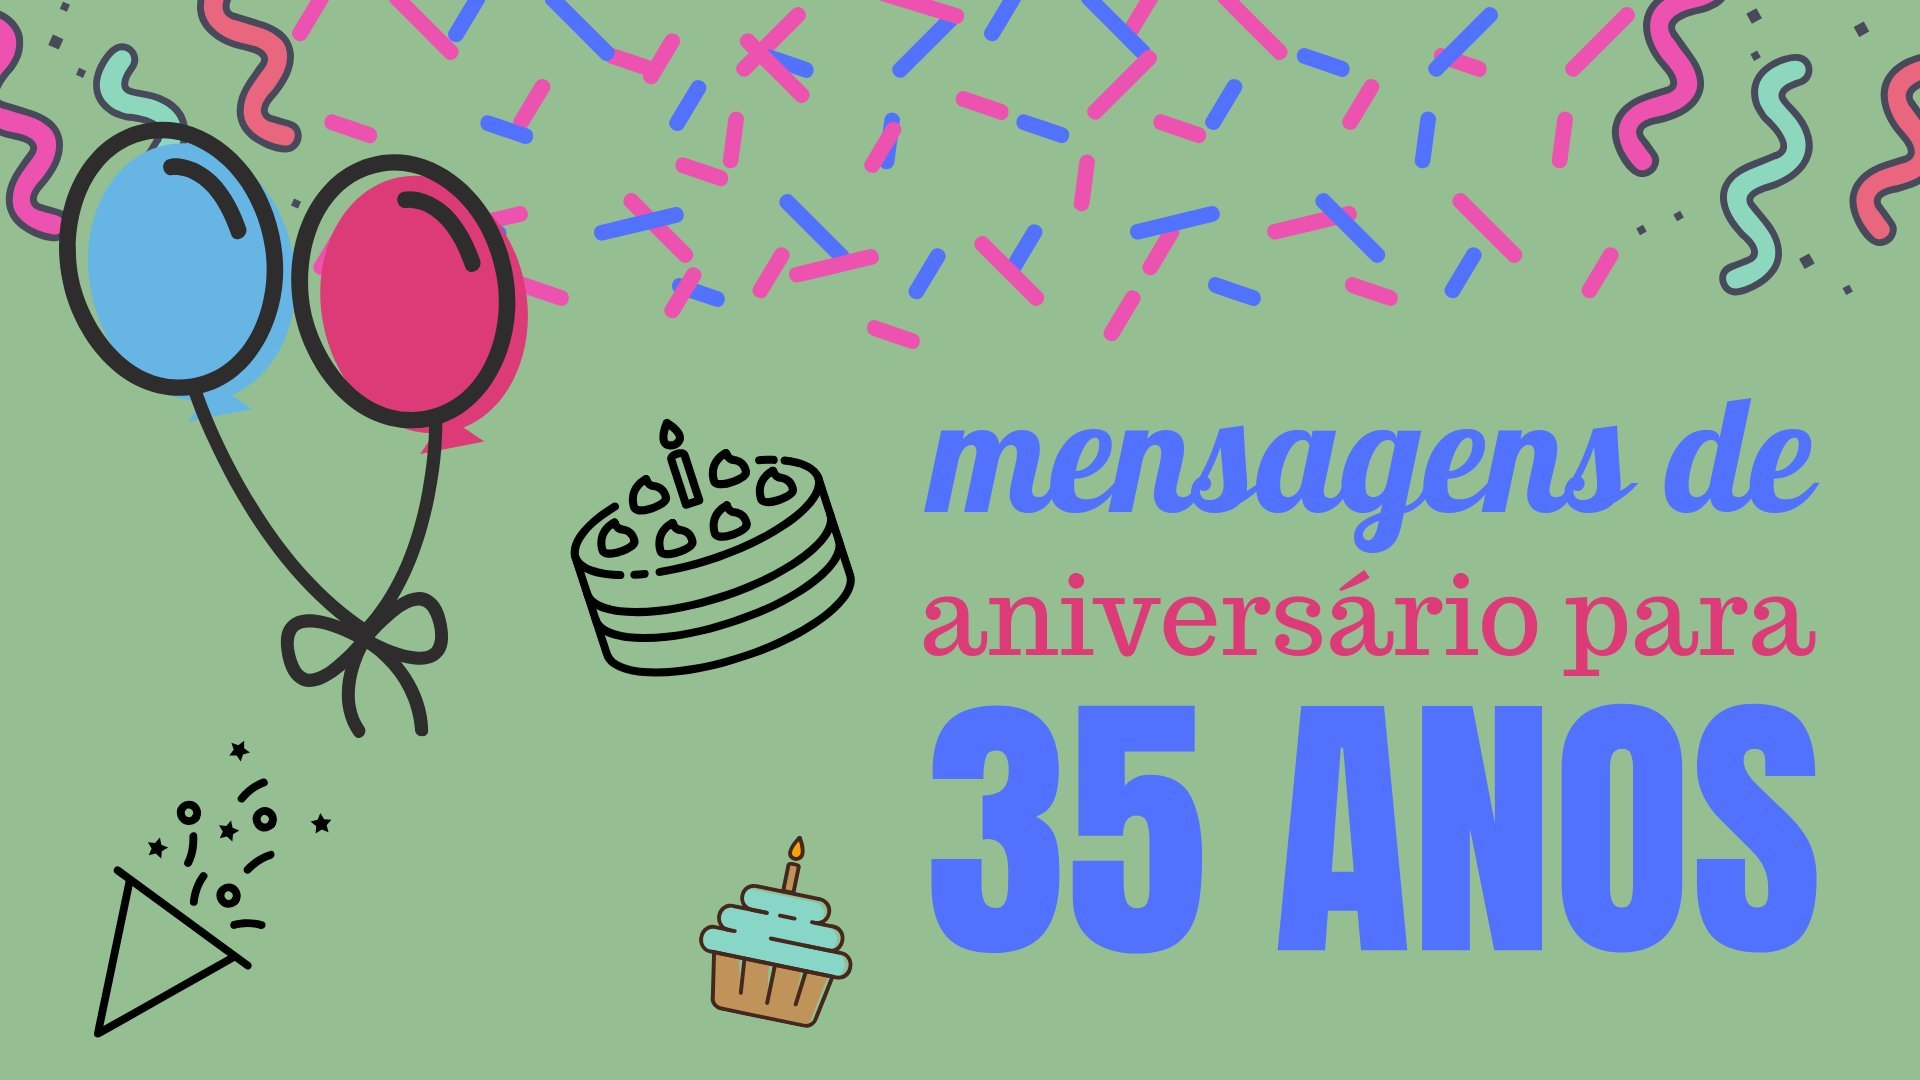 Mensagens De Aniversário Para 35 Anos Compartilhe Com Quem Você Ama